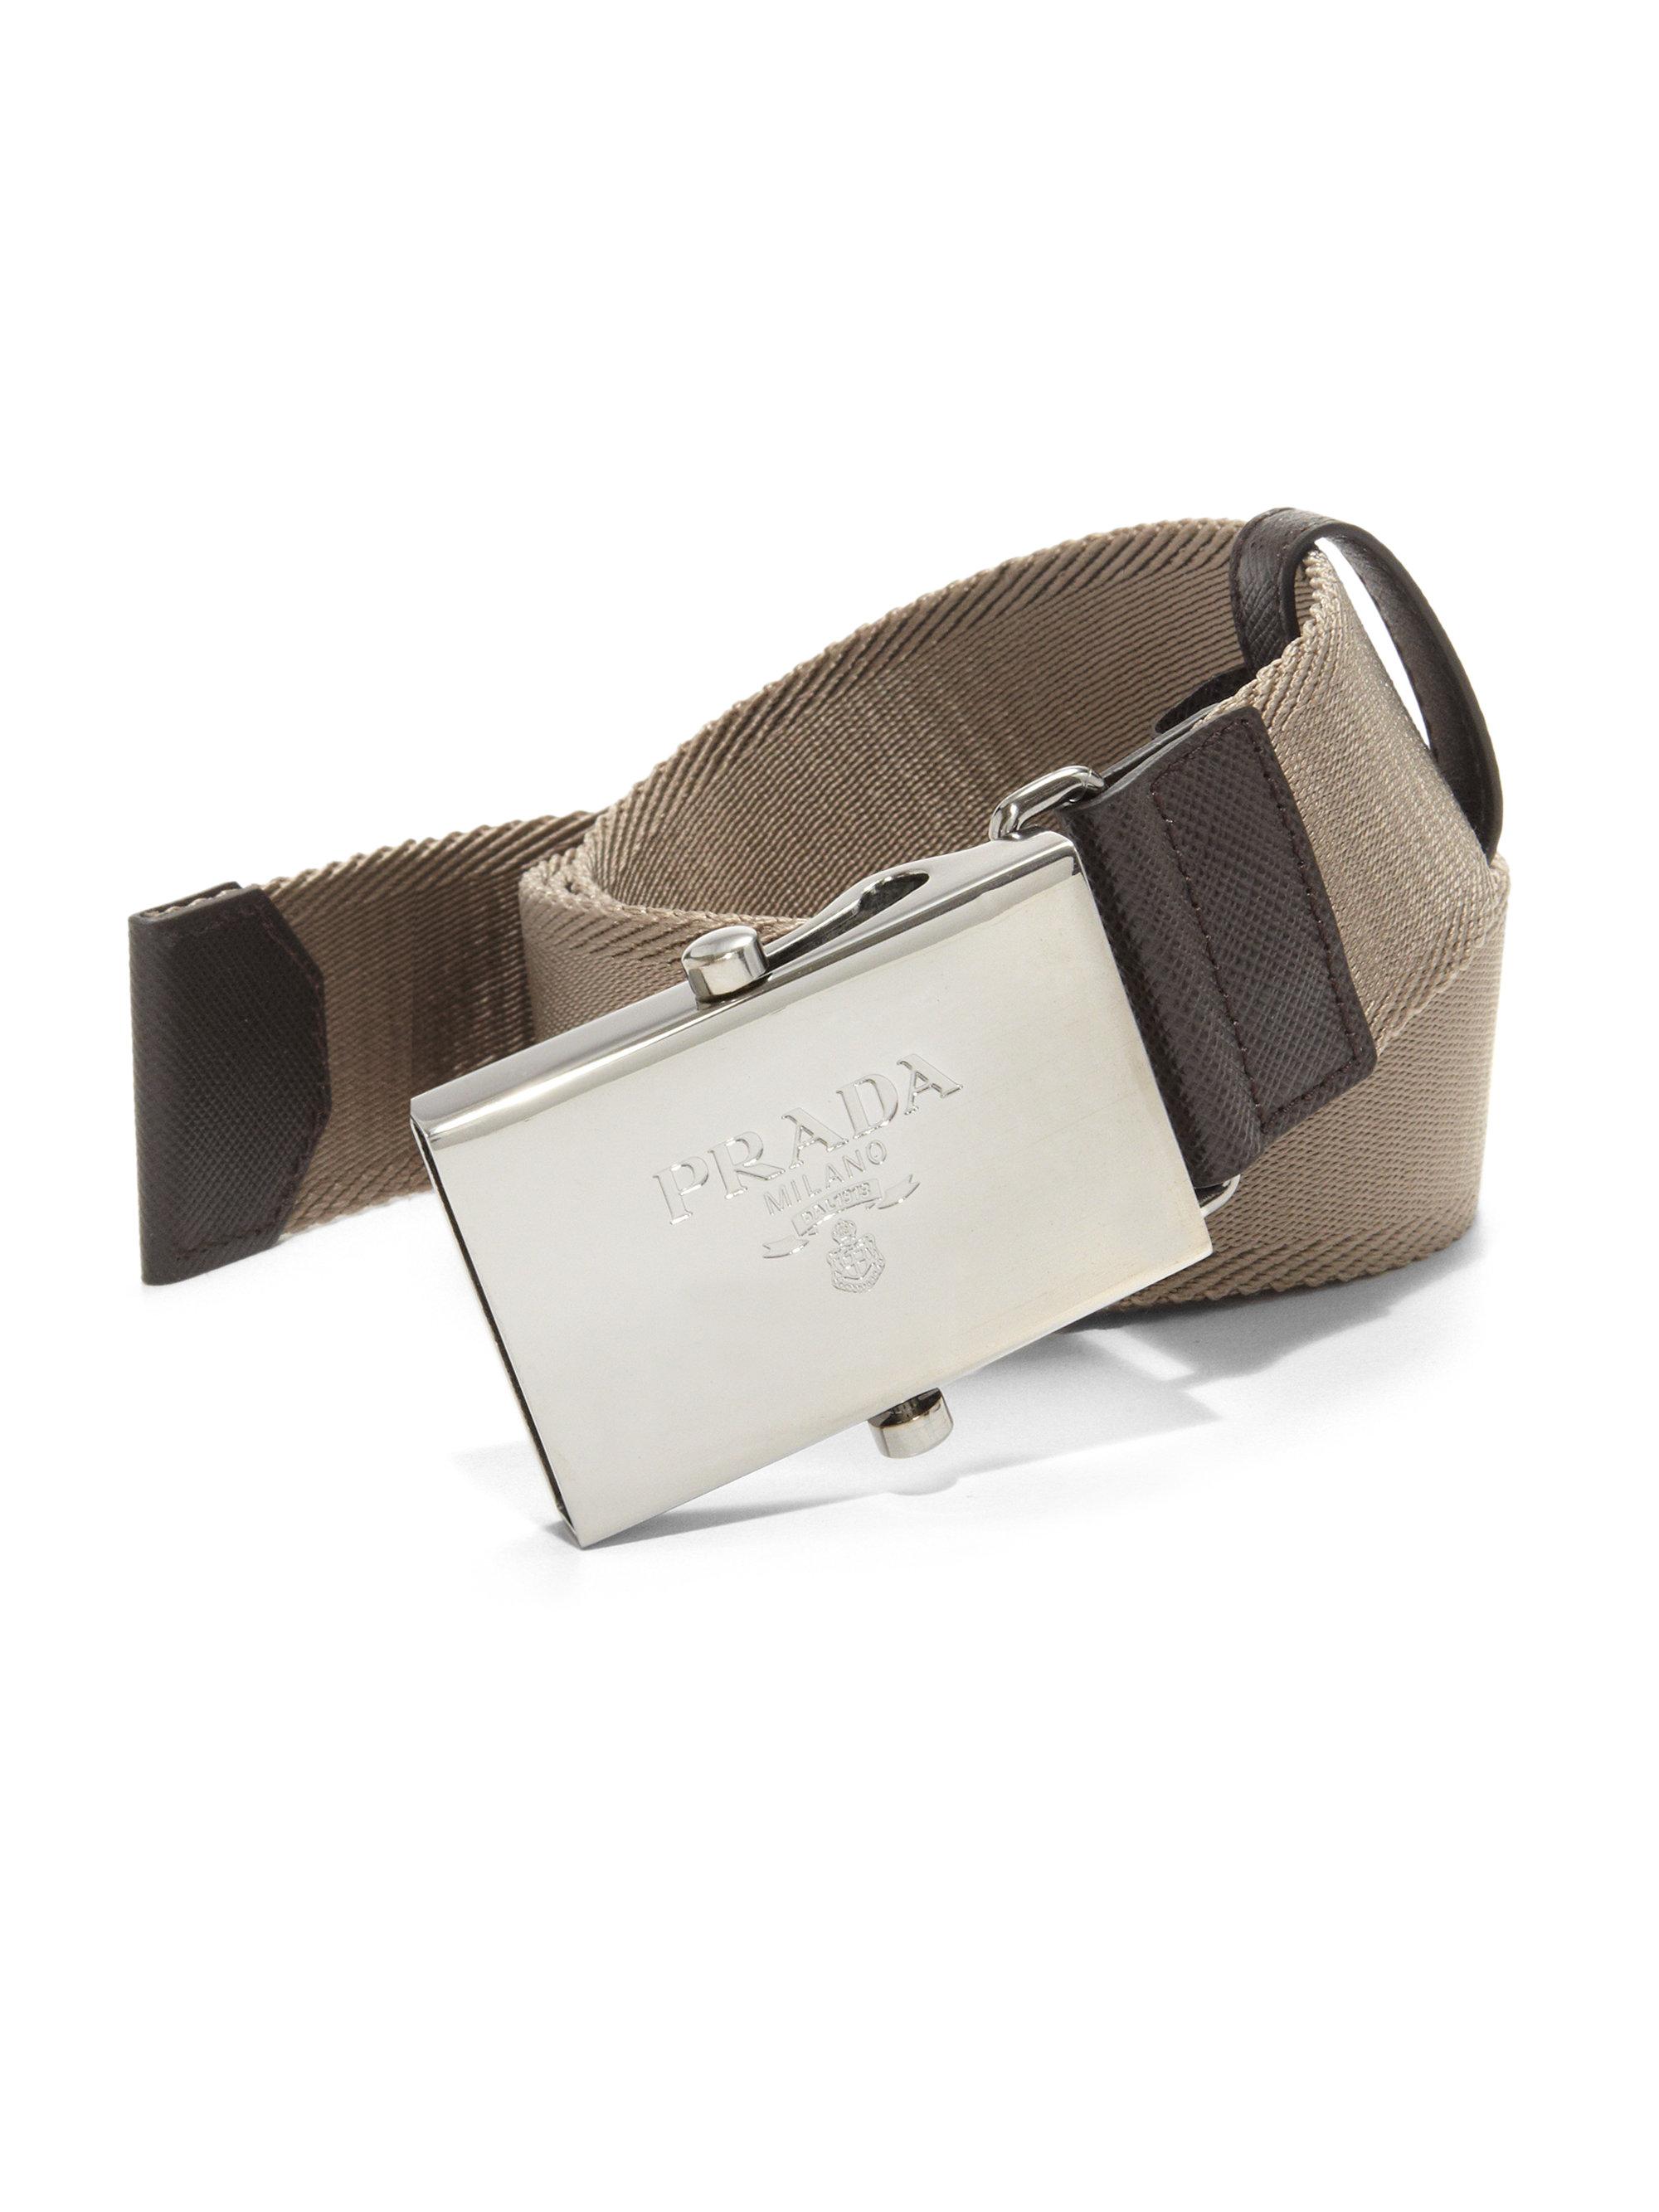 ... uk lyst prada nylon belt in brown for men 0de63 409bd 1fbd7e872f74e